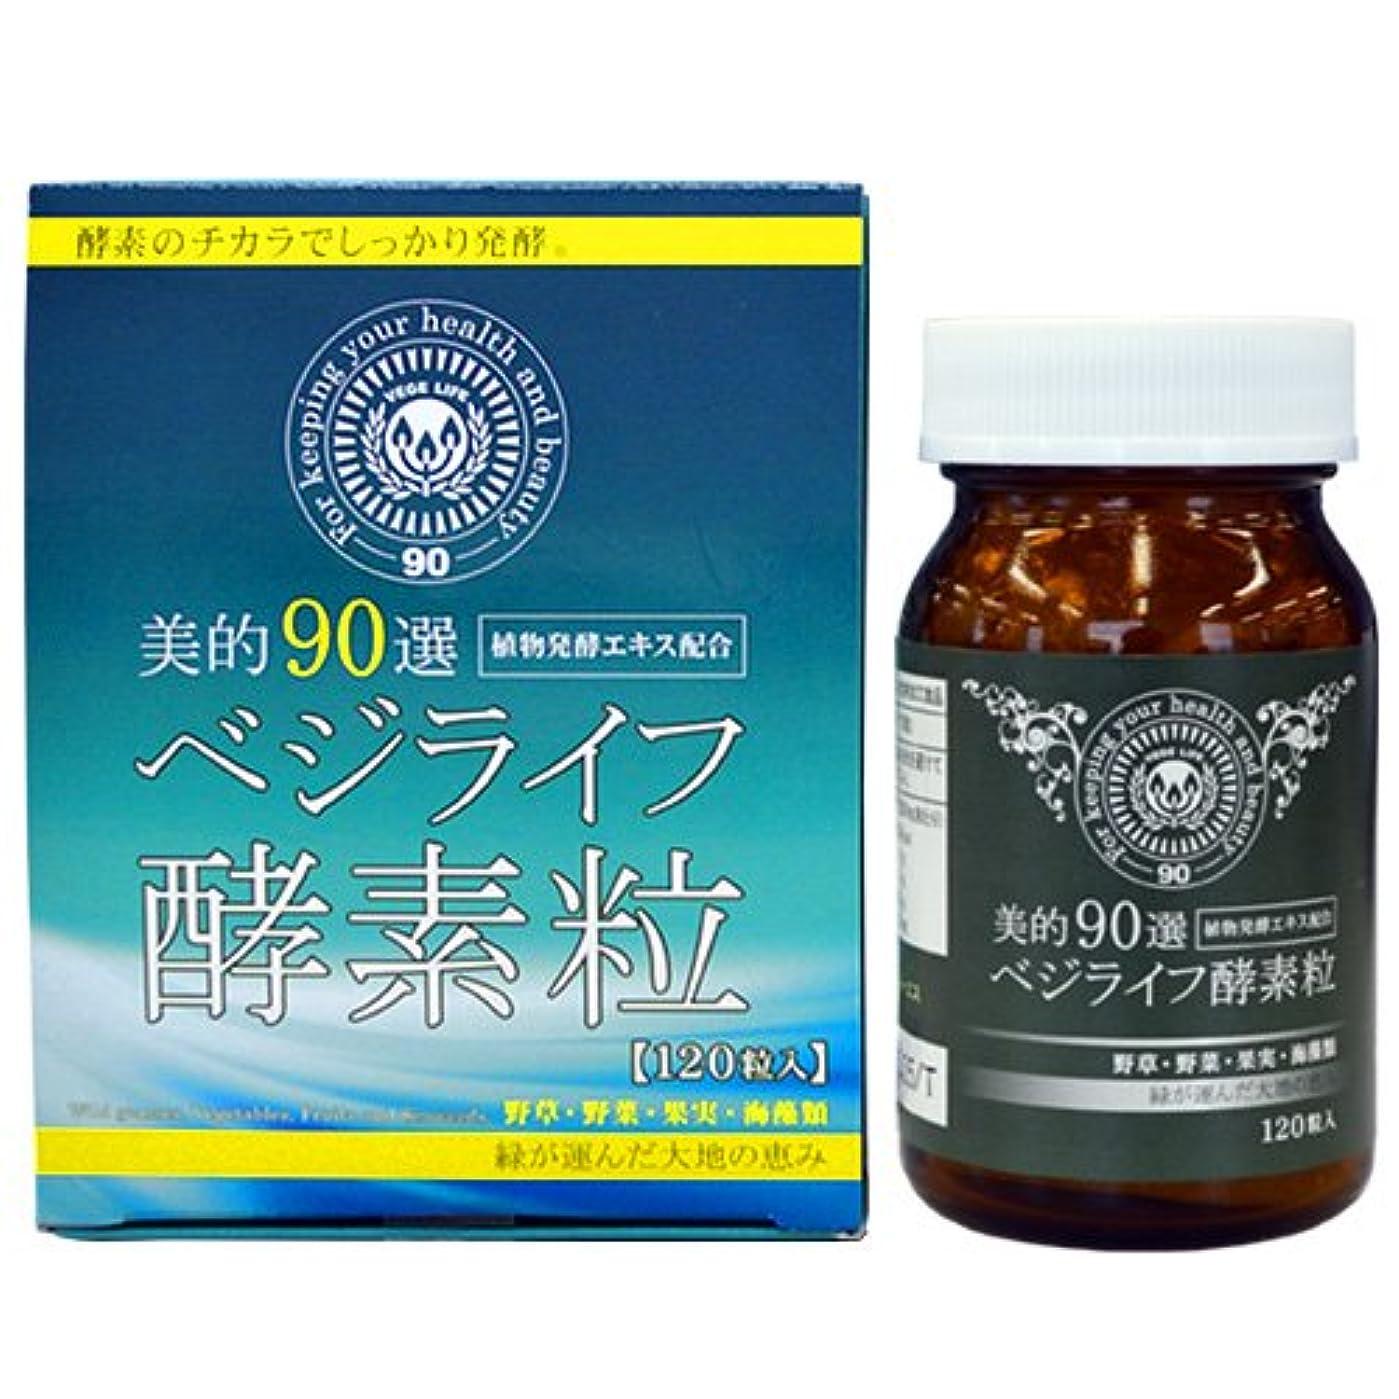 フォアマン眠っているニュース植物発酵エキス配合 美的90選ベジライフ酵素粒(120粒入り)